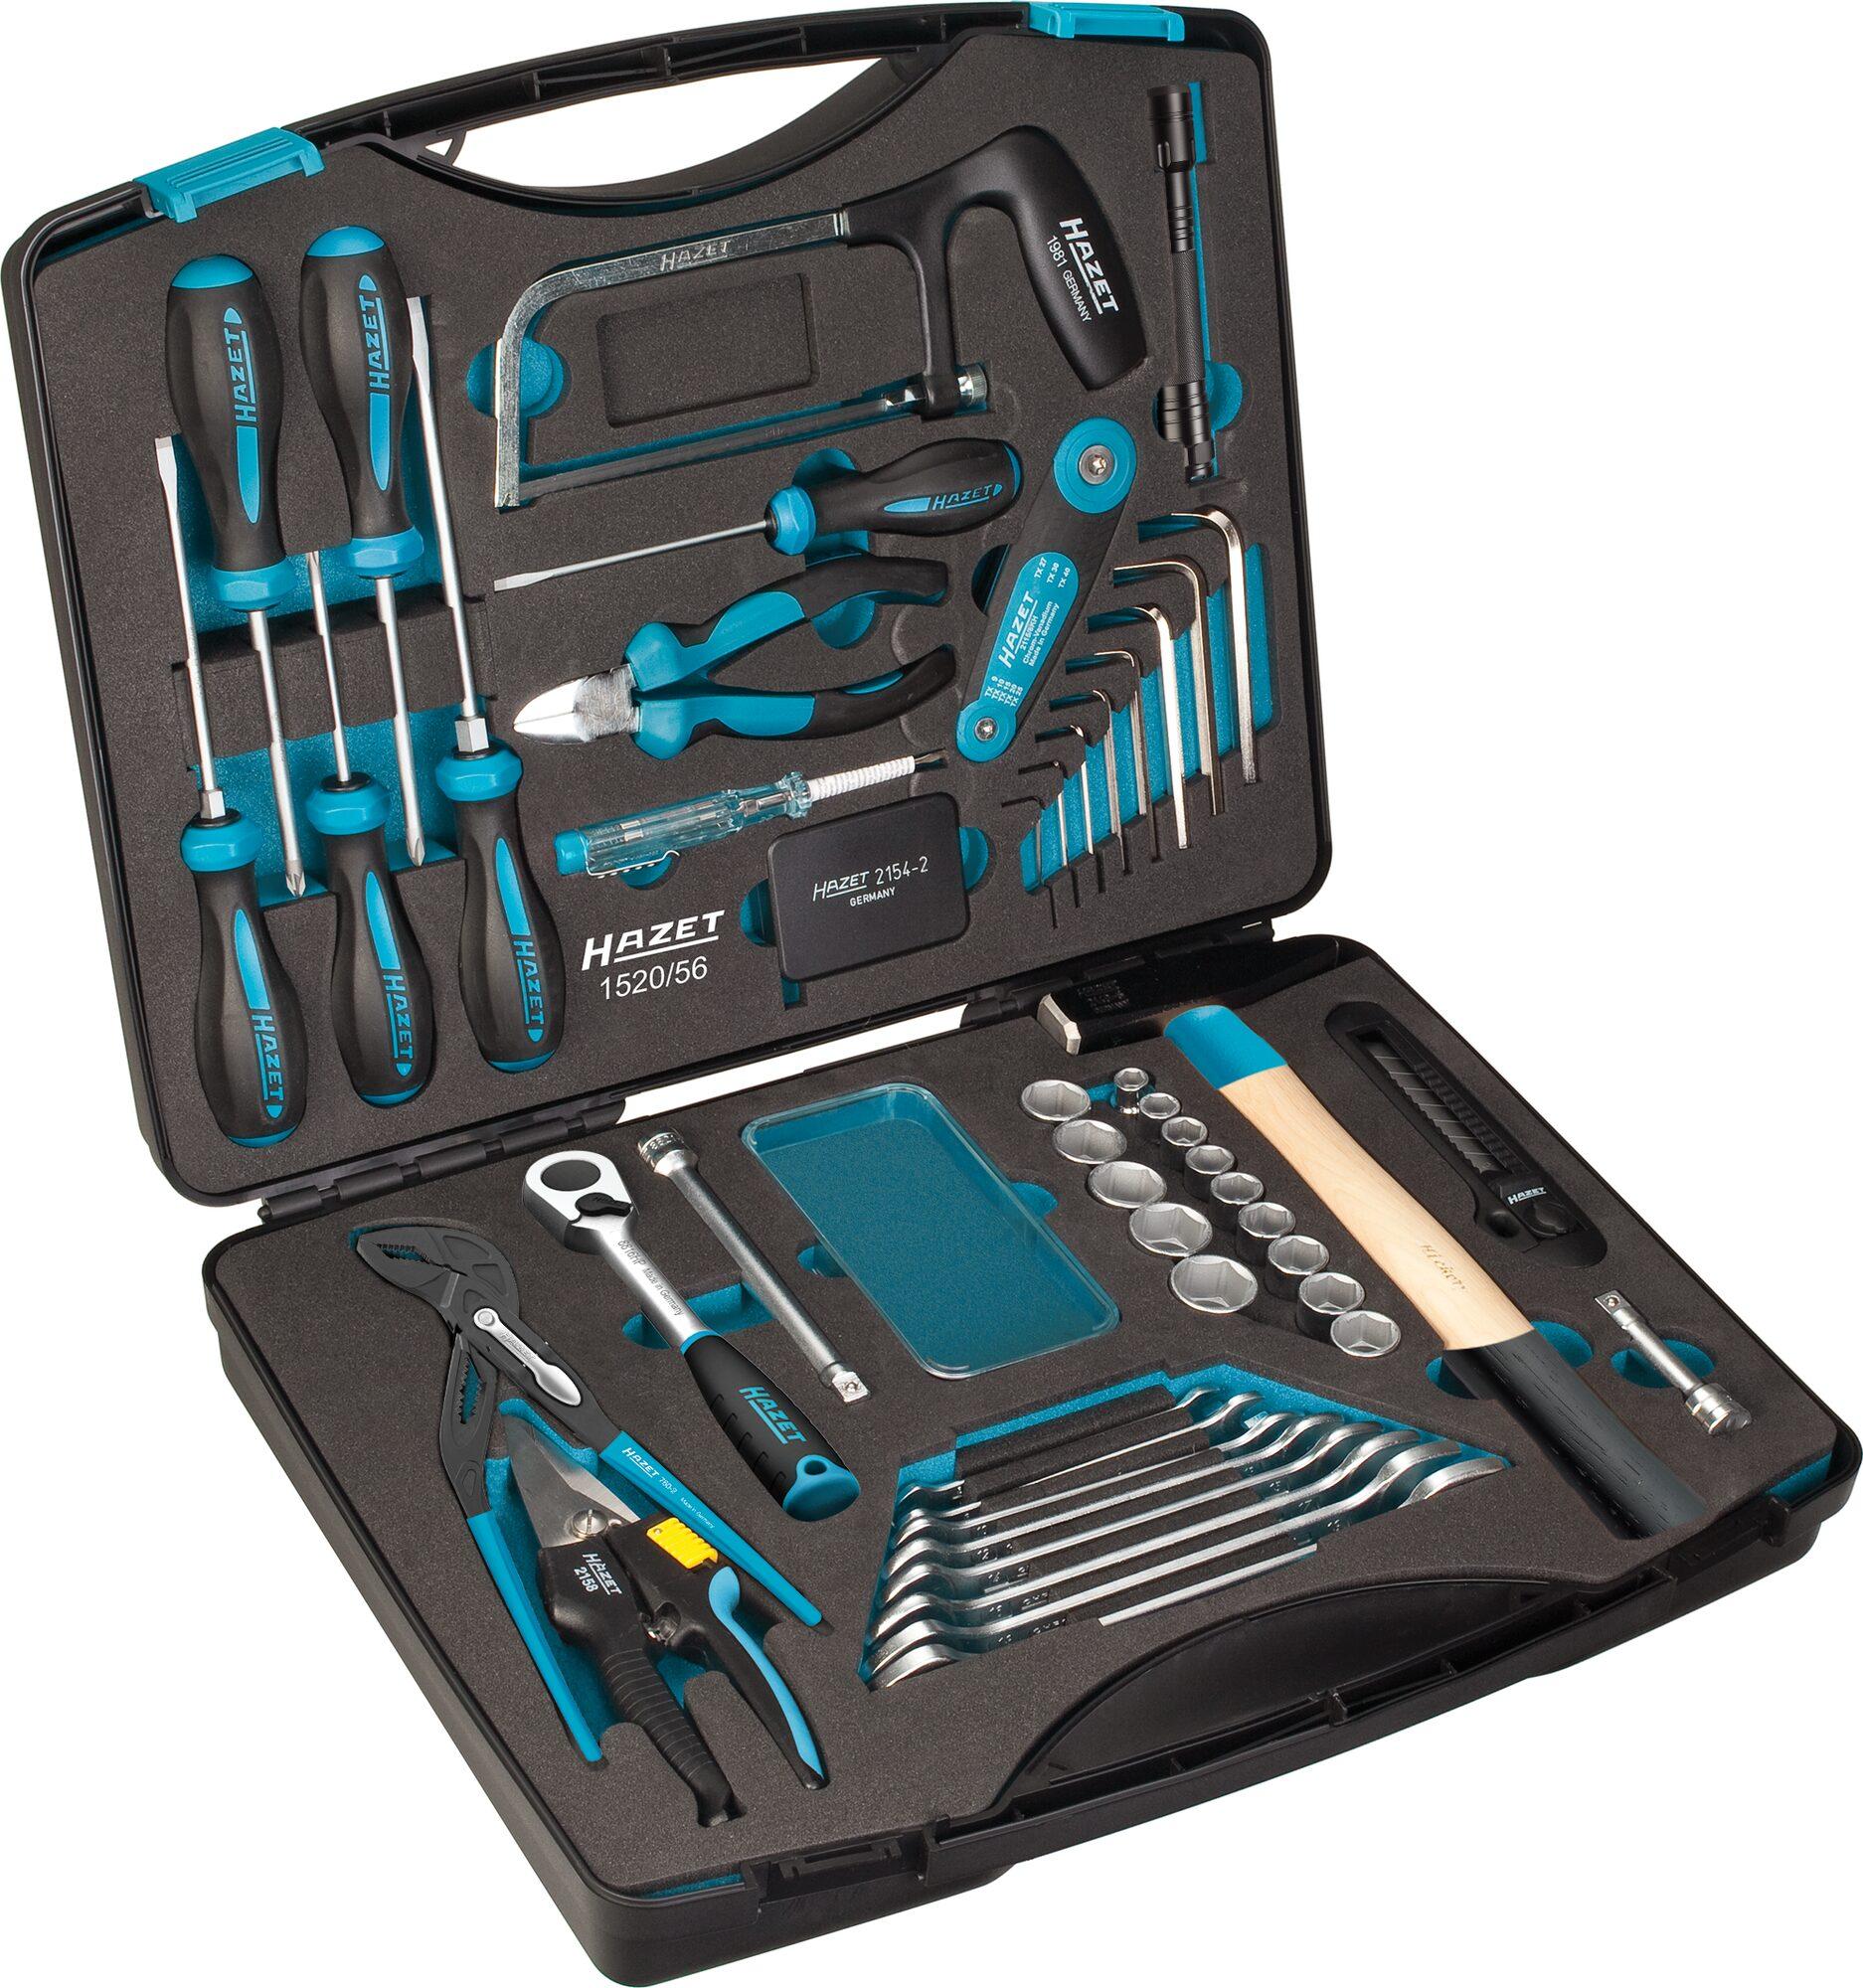 HAZET Werkzeugkoffer 1520/56 ∙ Vierkant hohl 10 mm (3/8 Zoll) ∙ Anzahl Werkzeuge: 56